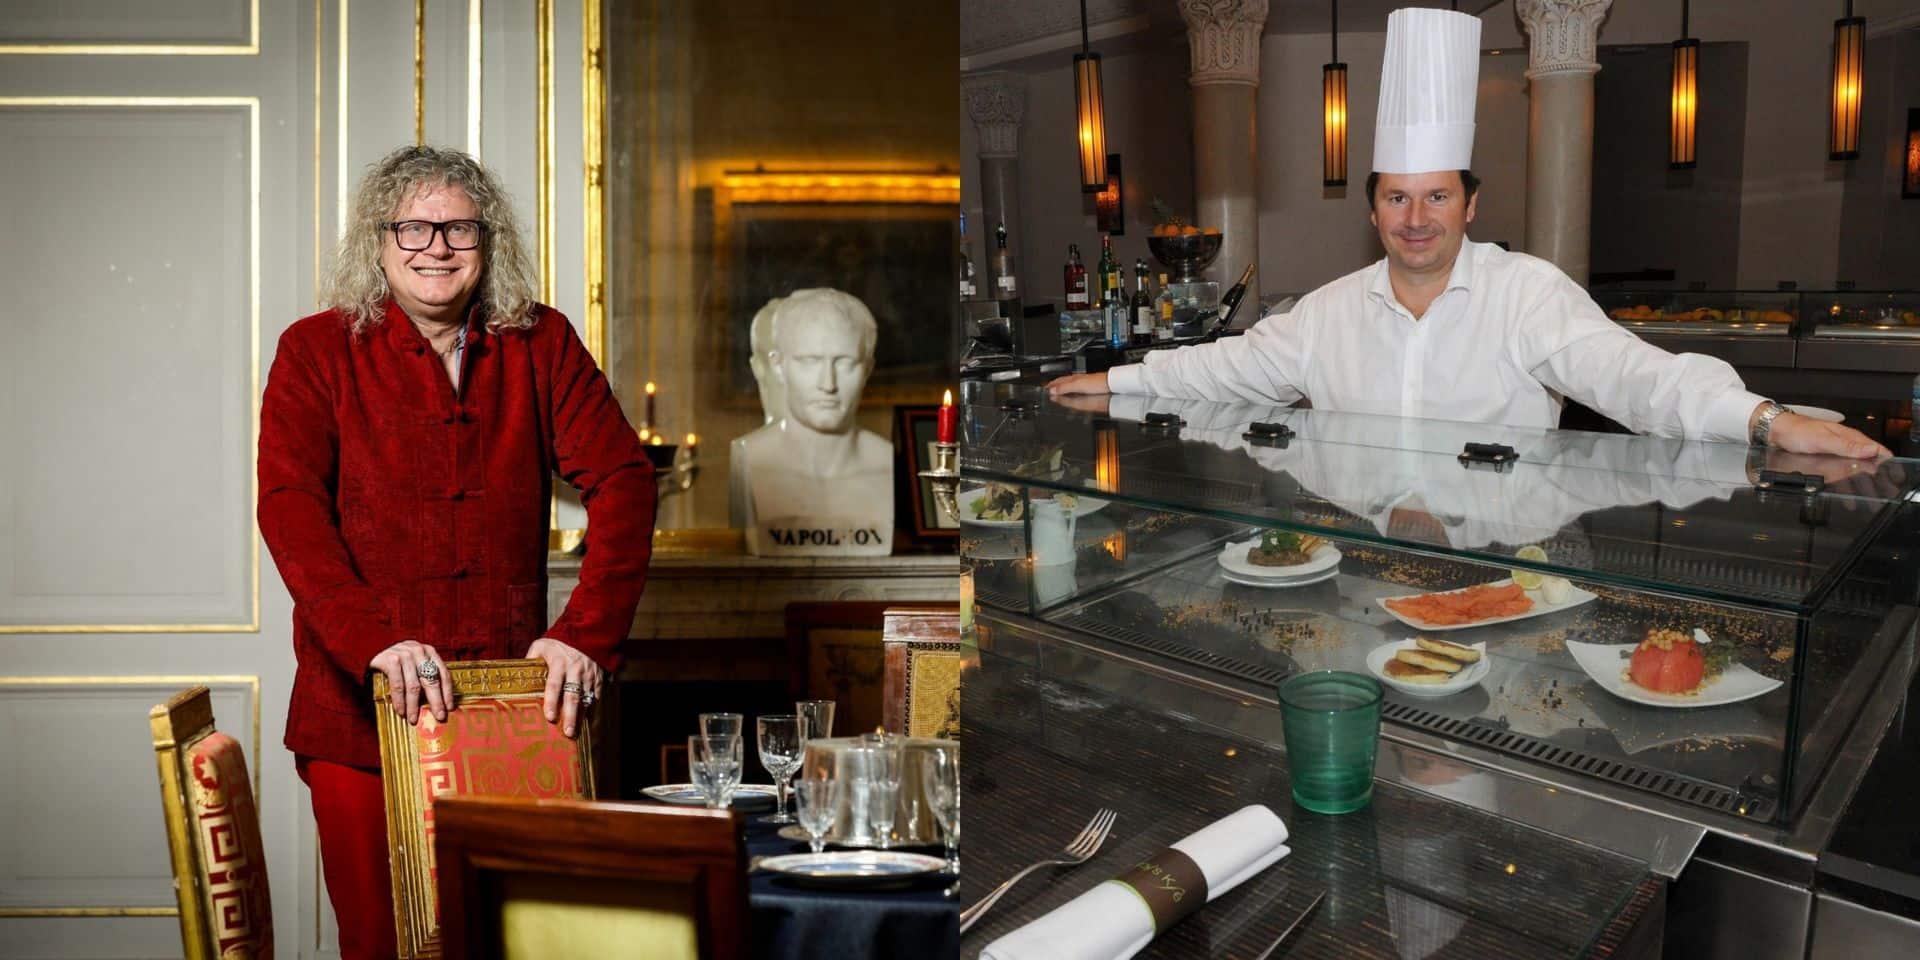 Pierre-Jean Chalençon et le chef Christophe Leroy en garde à vue pour leurs dîners clandestins!